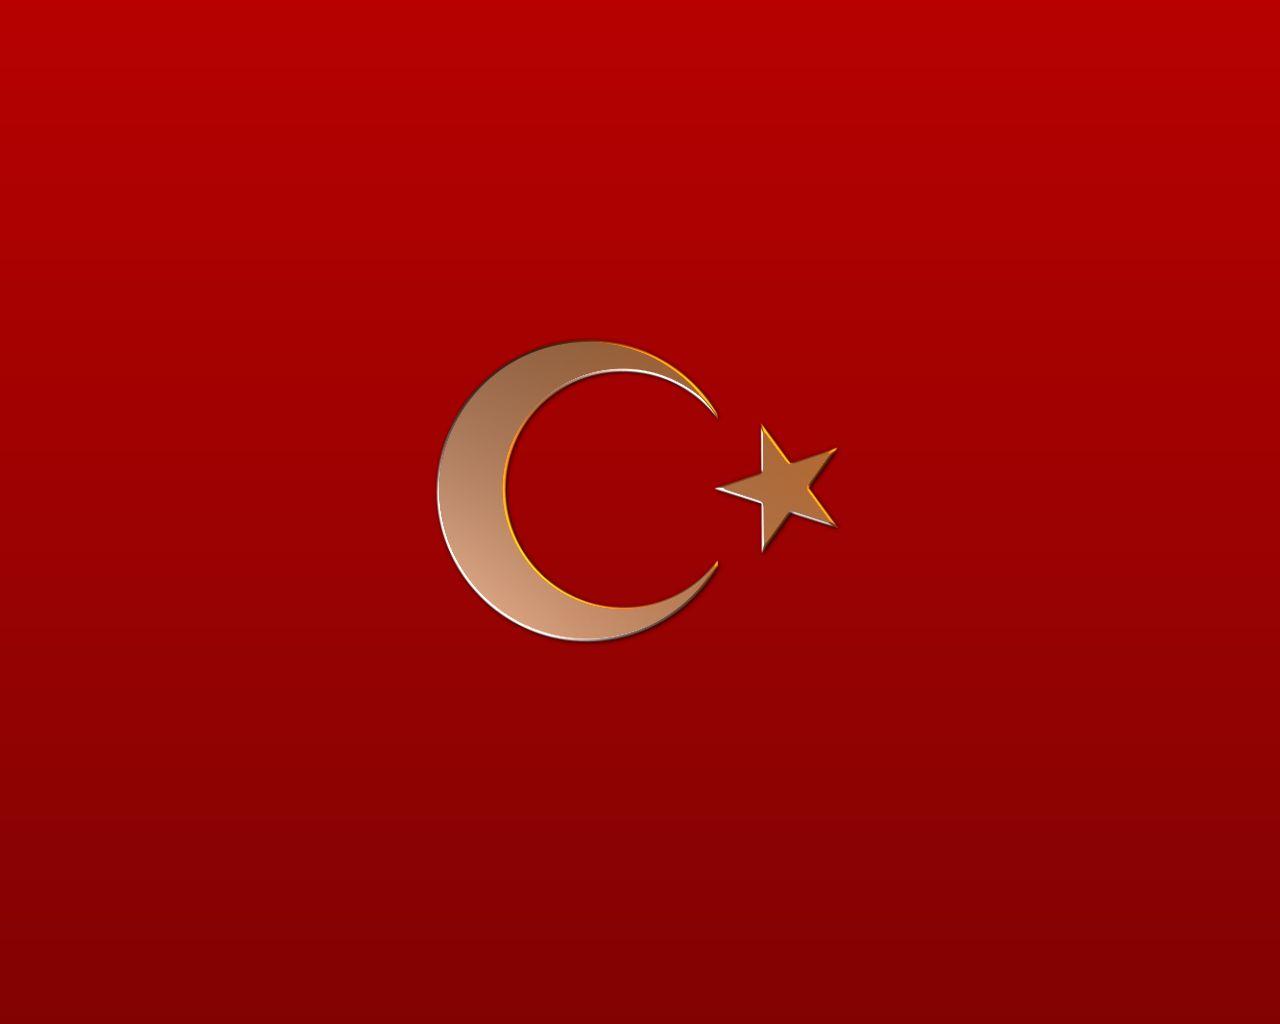 Kırşehir Bayrak İmalatı ve Bayrak Üretimi